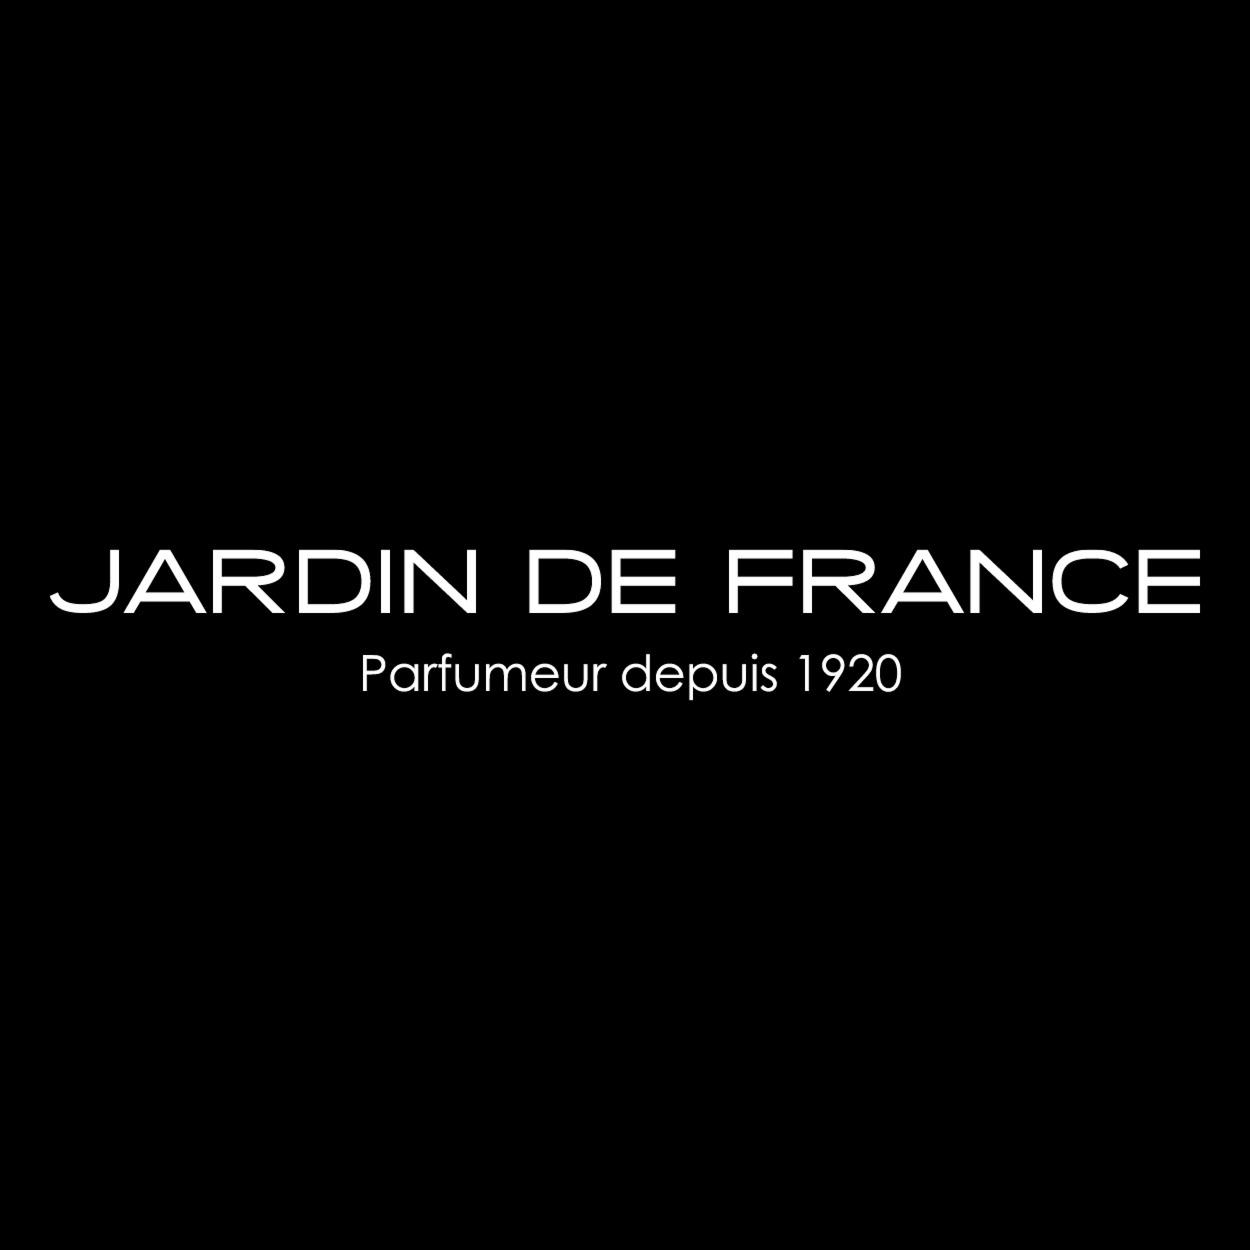 Jardin de France, Parfumerie depuis 1920